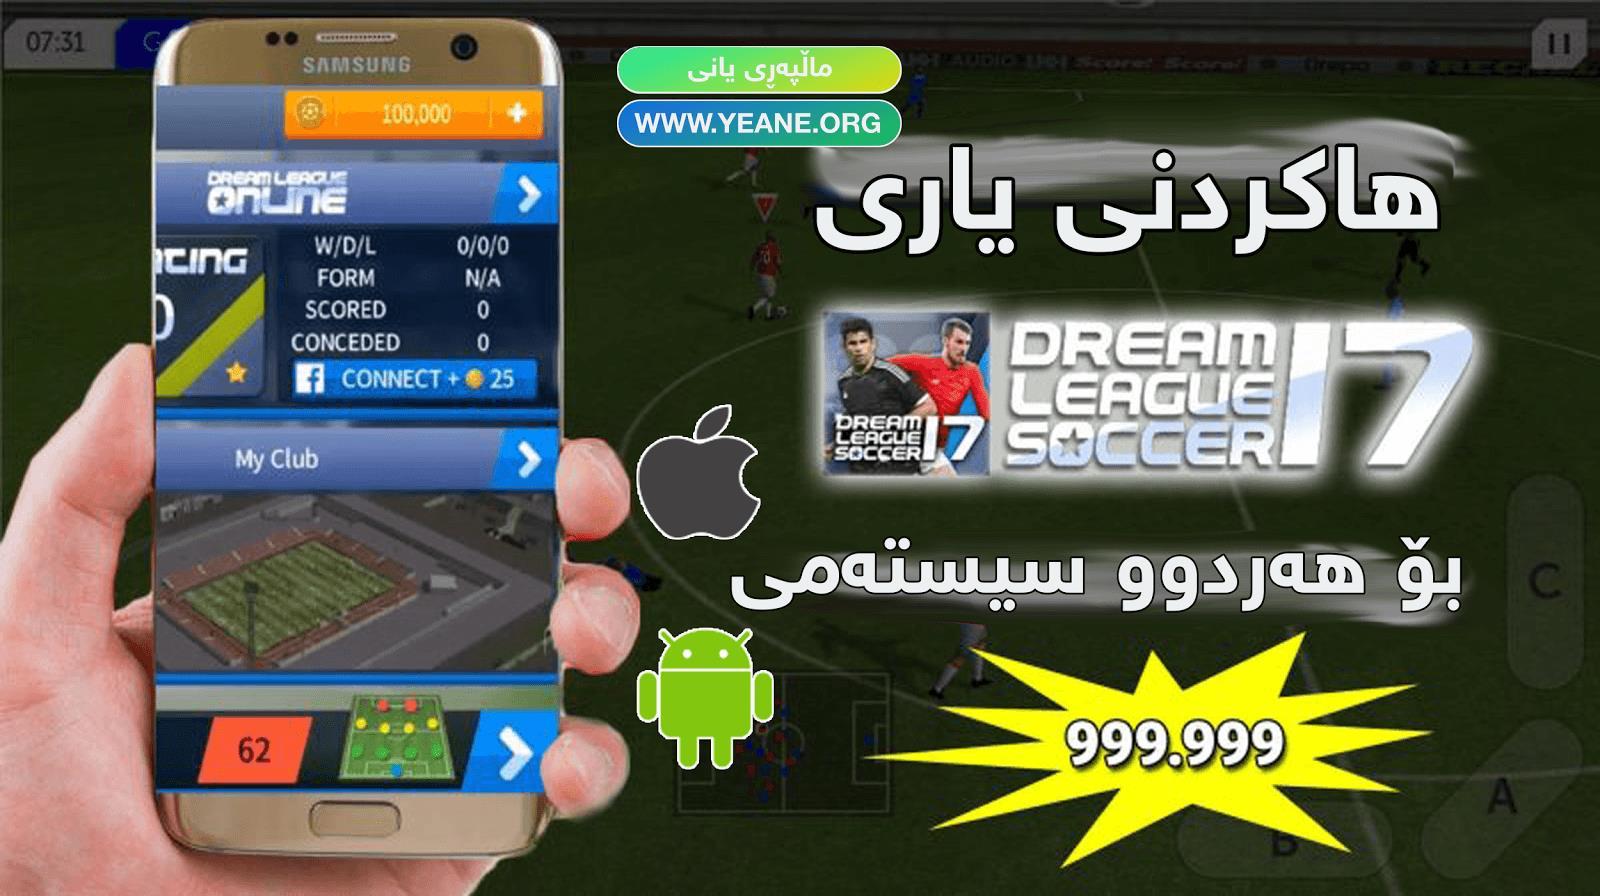 هاکردنی یاری Dream League 17 بۆ هەردوو سیستەمی ئەندڕۆید و ئایفۆن